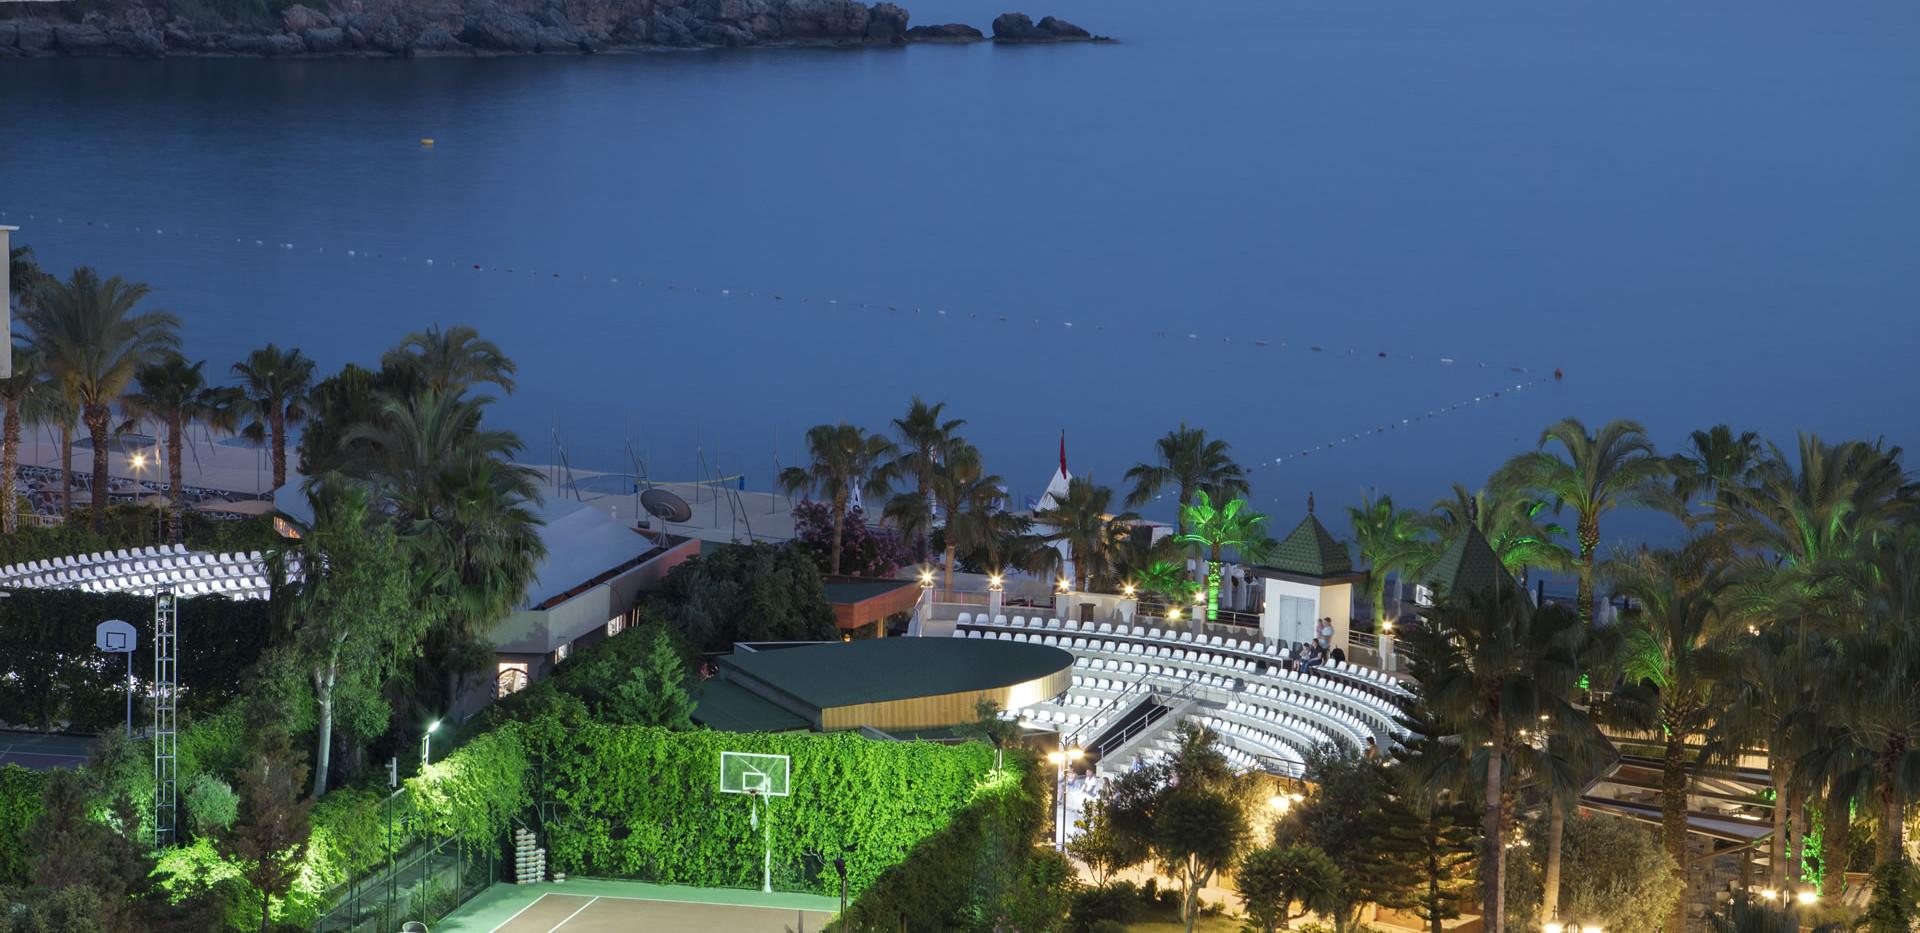 saphir-resort-spa-otelimiz-215.jpg